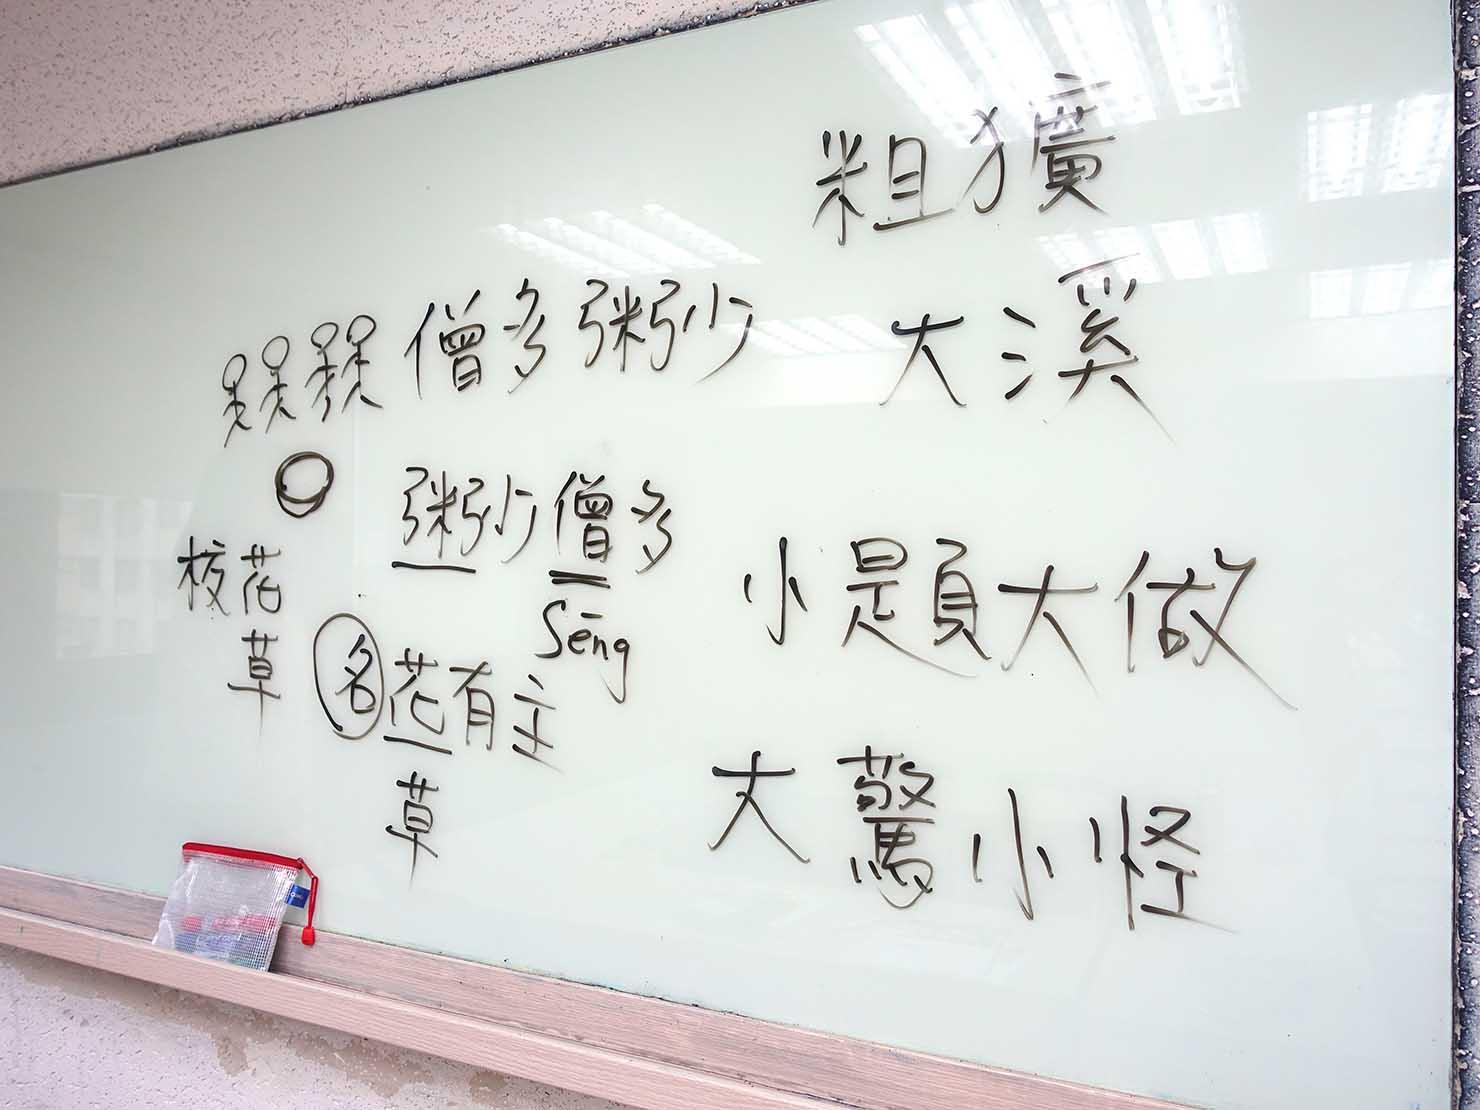 「ジオス台湾(GEOS)」のトピックレッスン中のホワイトボード(同性婚・LGBT)